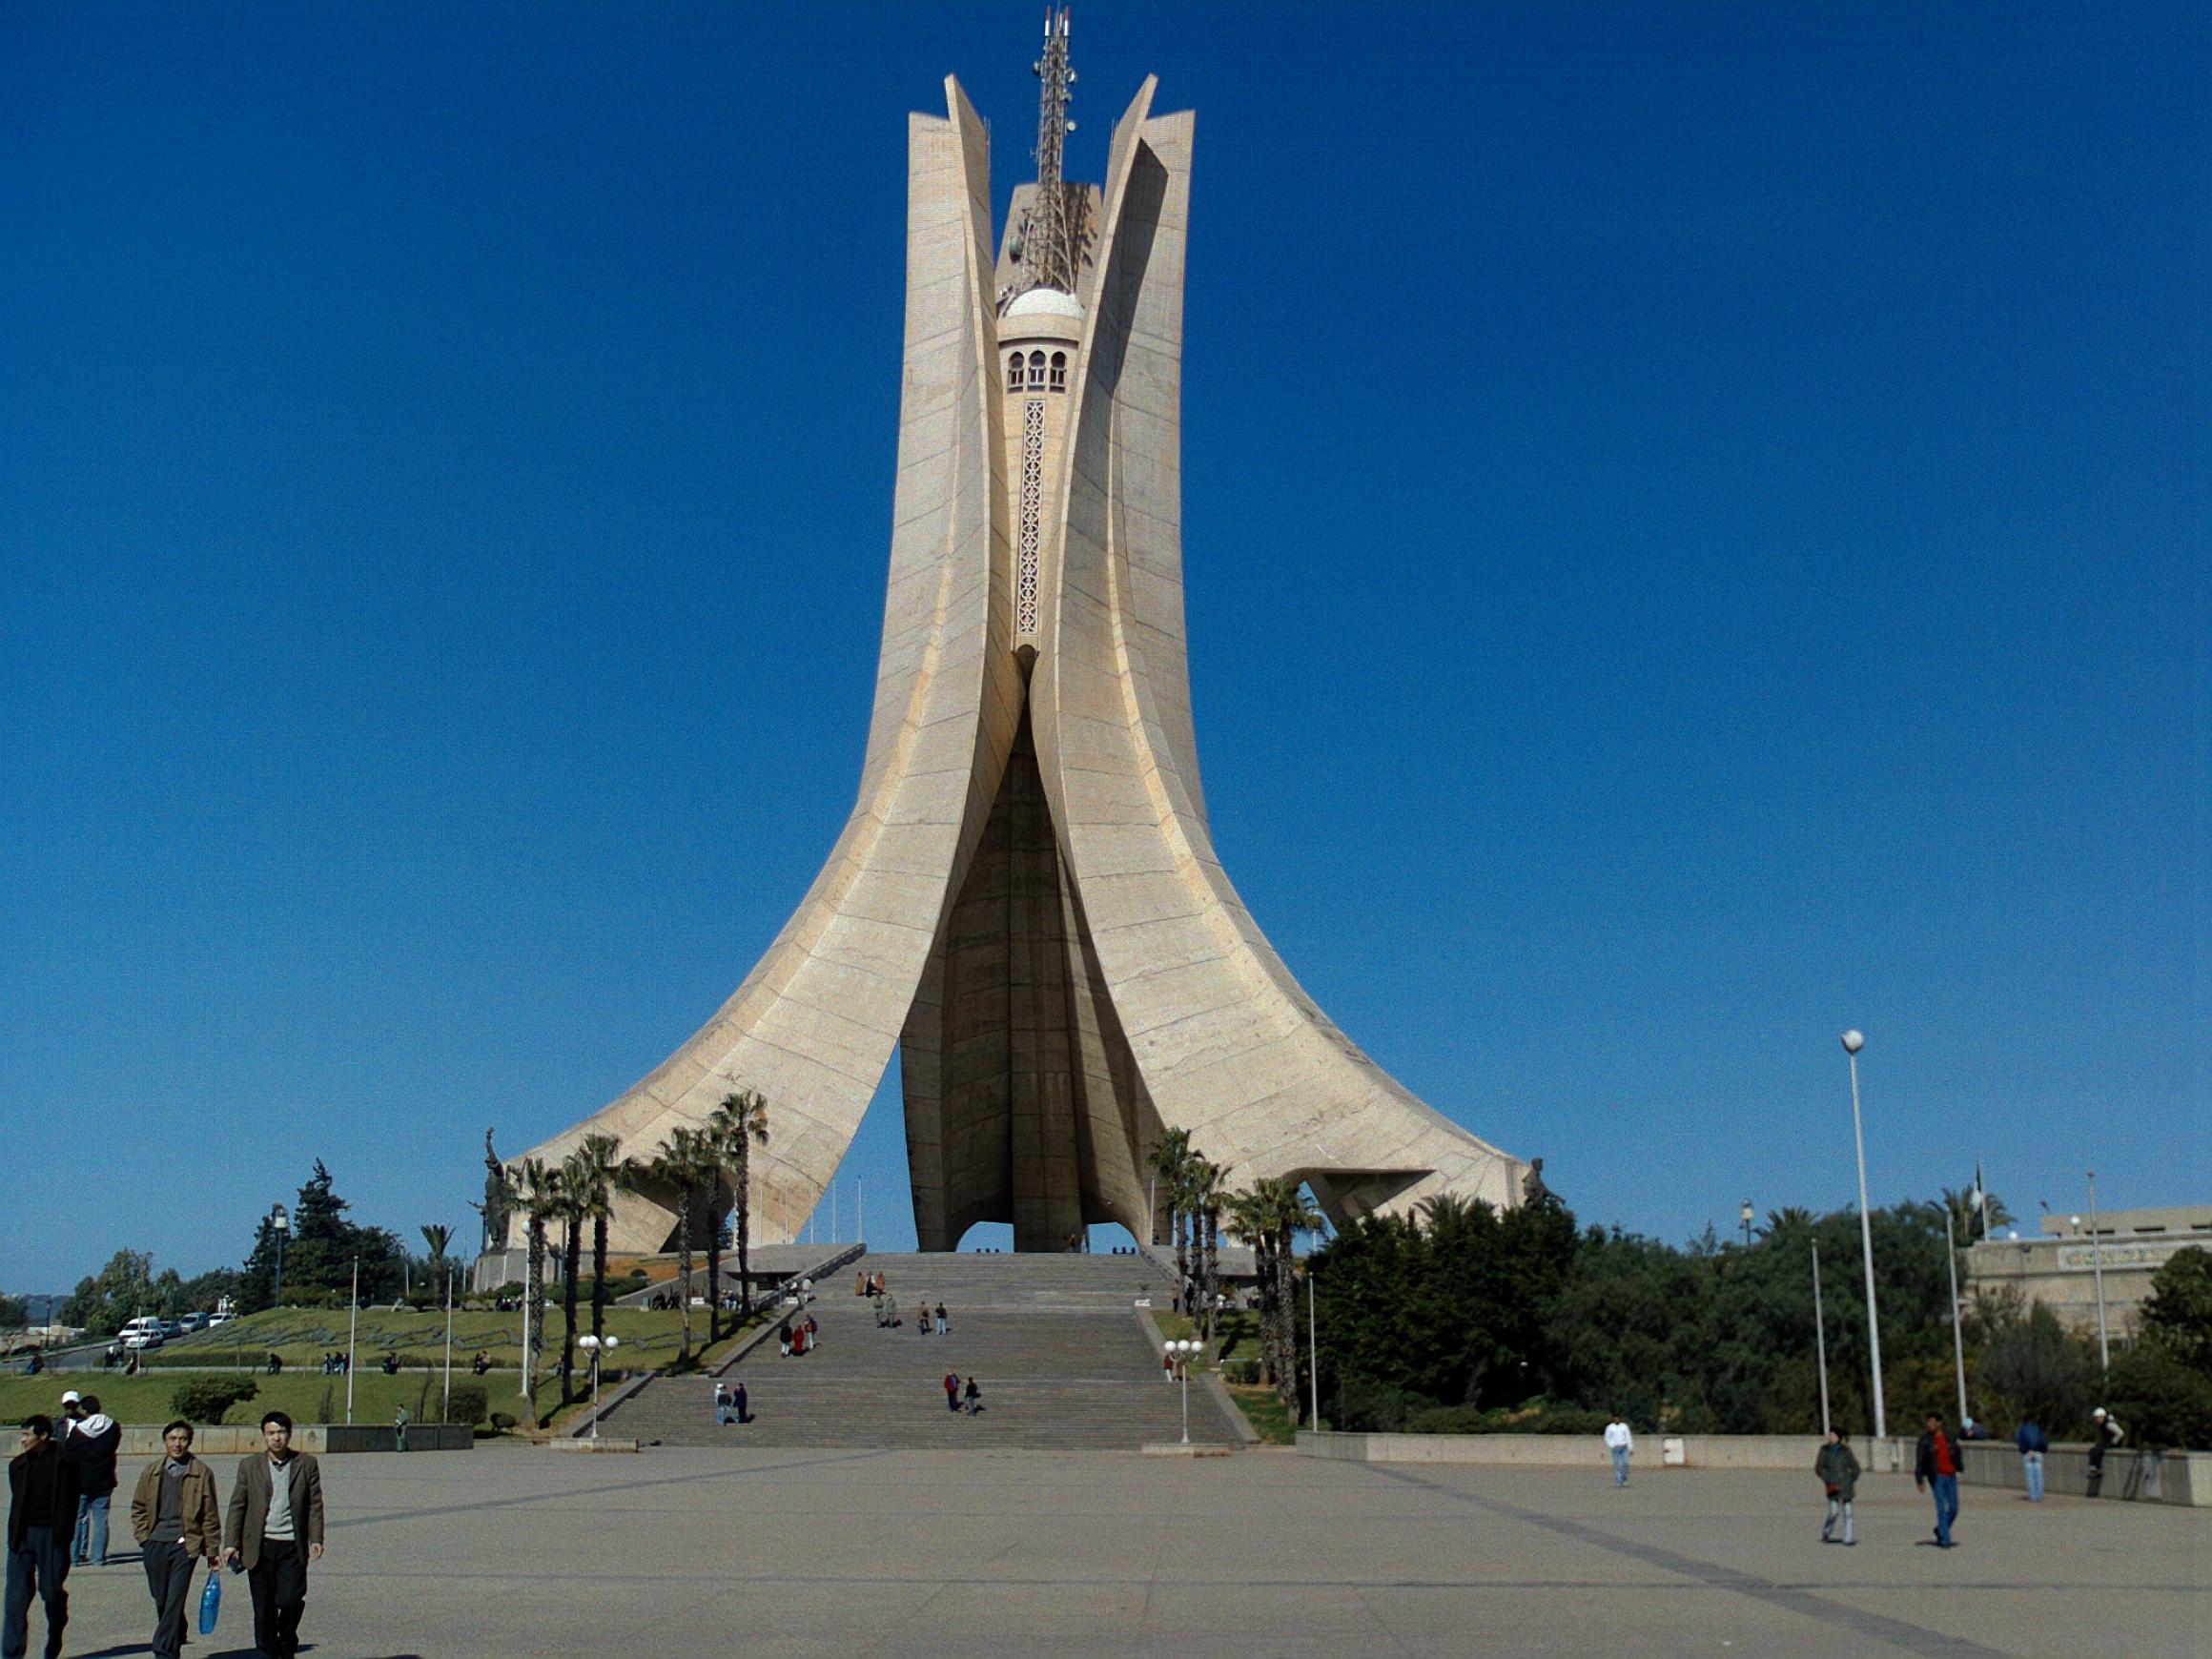 City of Dentex Algeria 2018